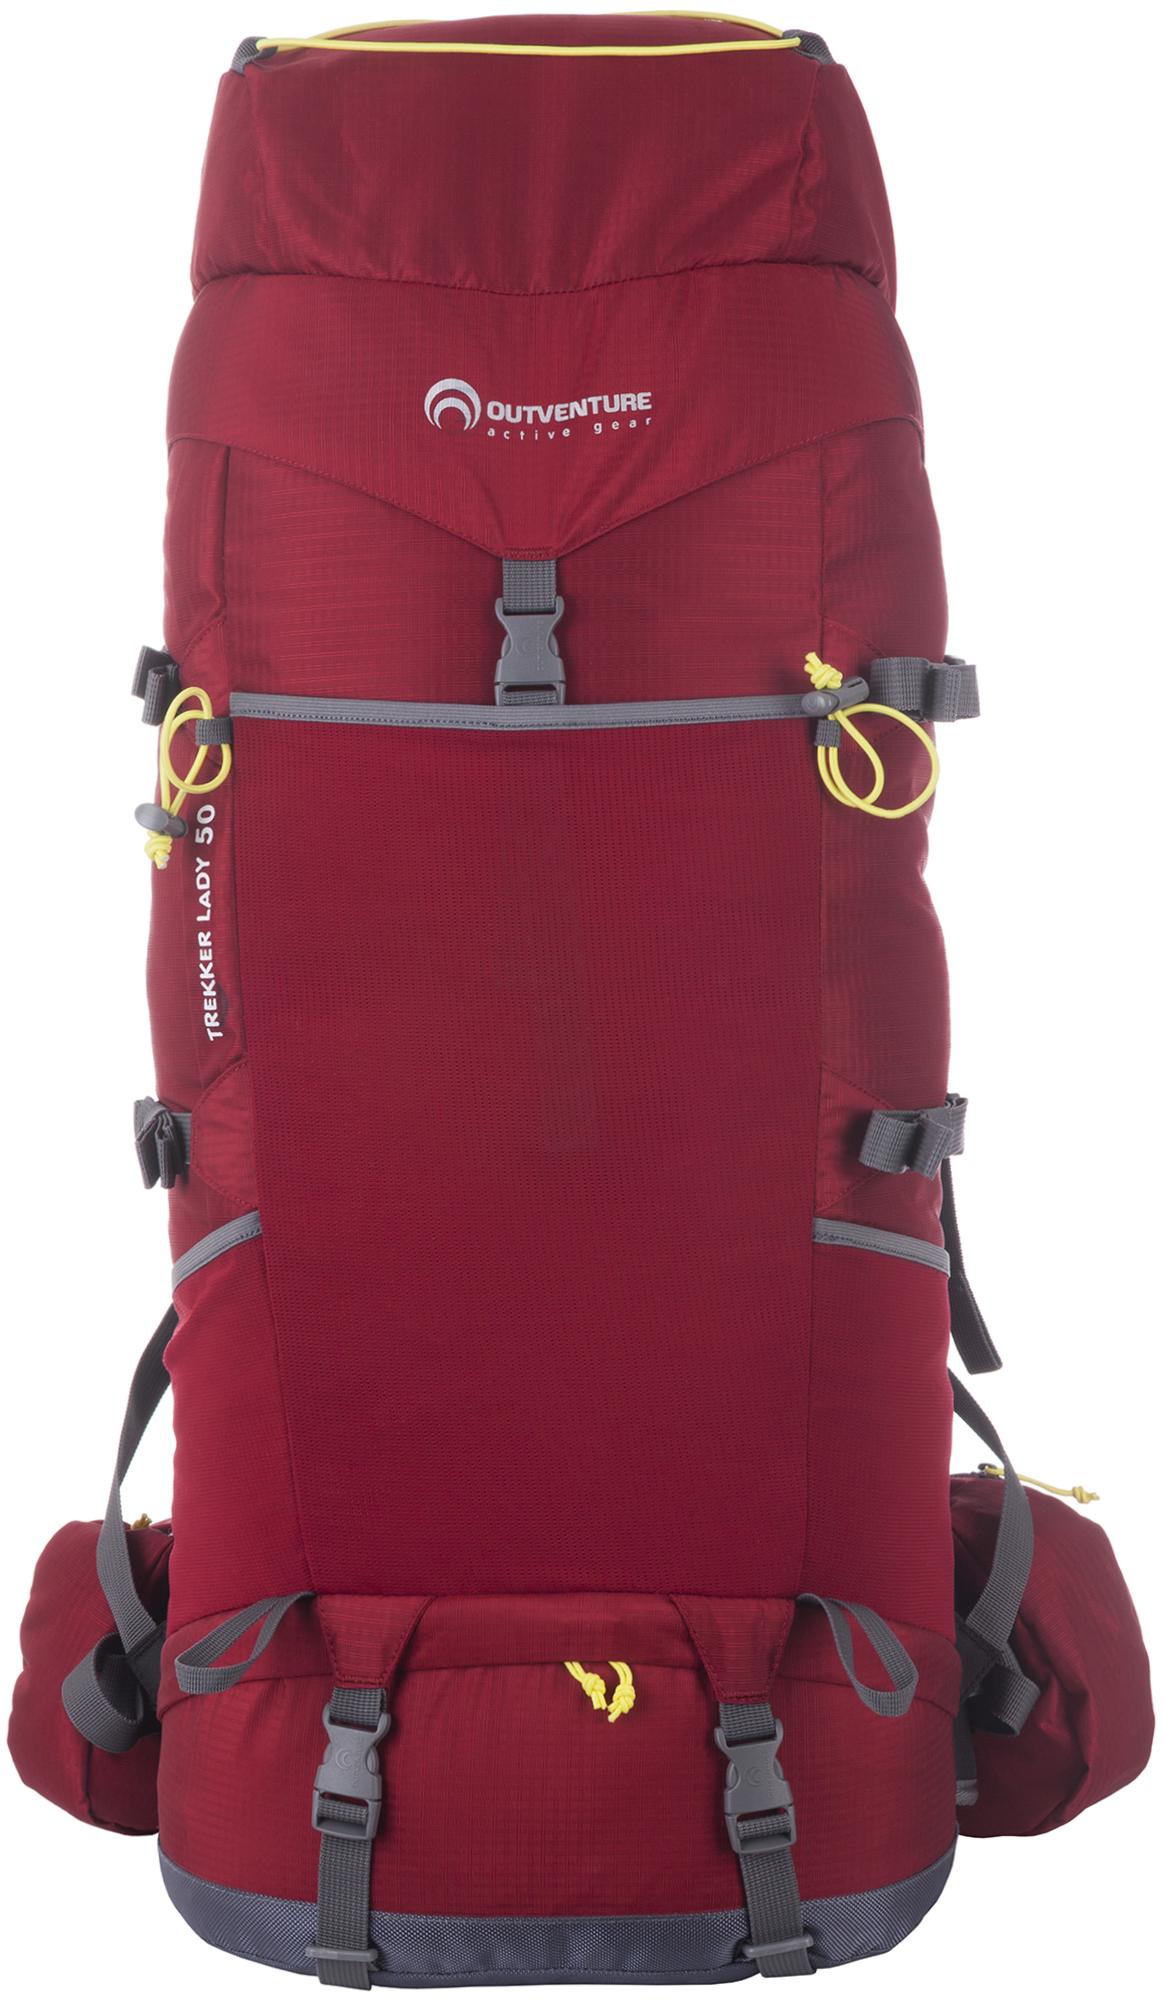 Outventure Outventure Trekker 50, размер Без размера